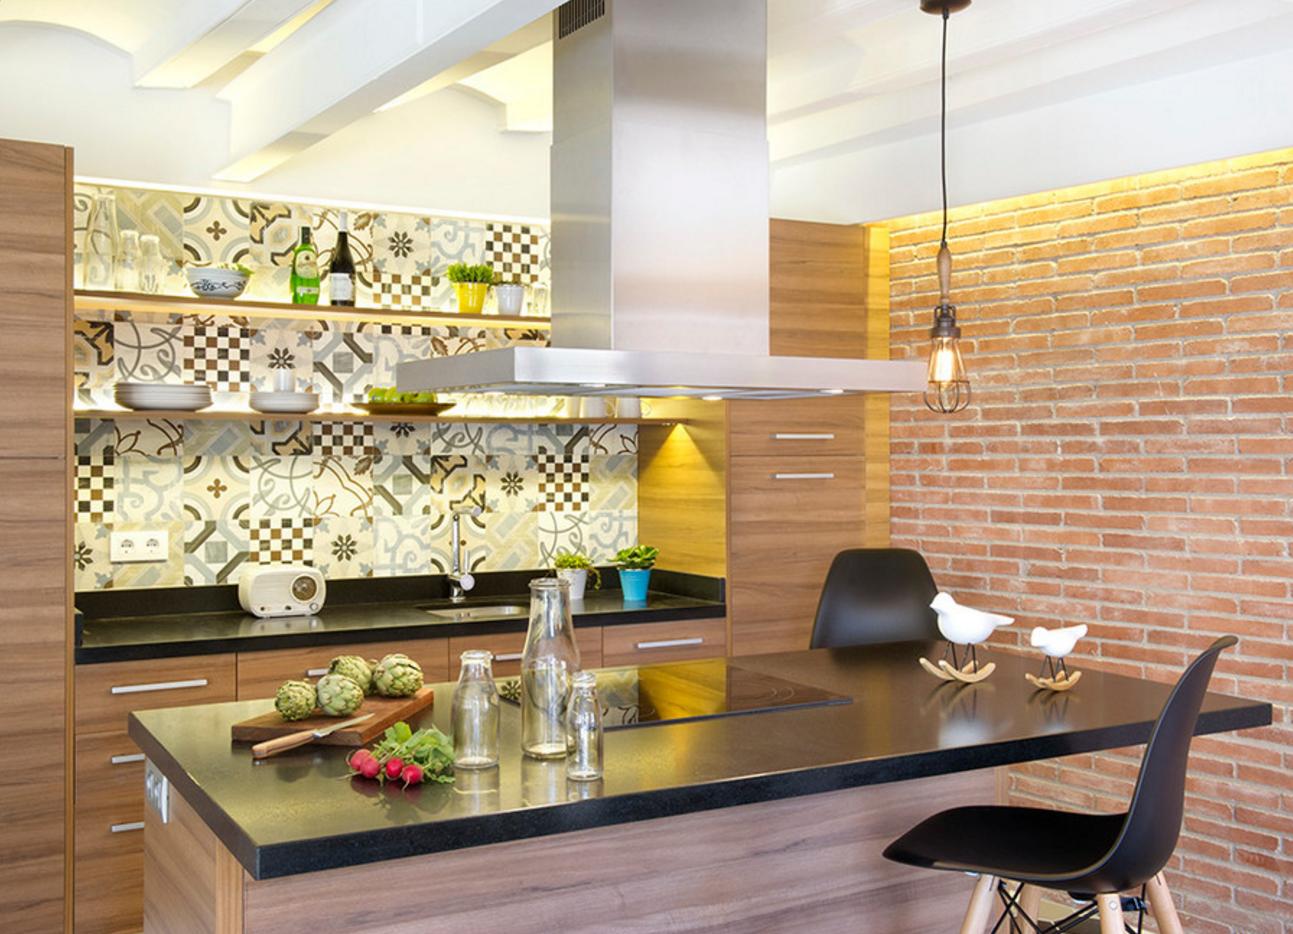 Come rinnovare la cucina senza cambiarla completamente u idealista